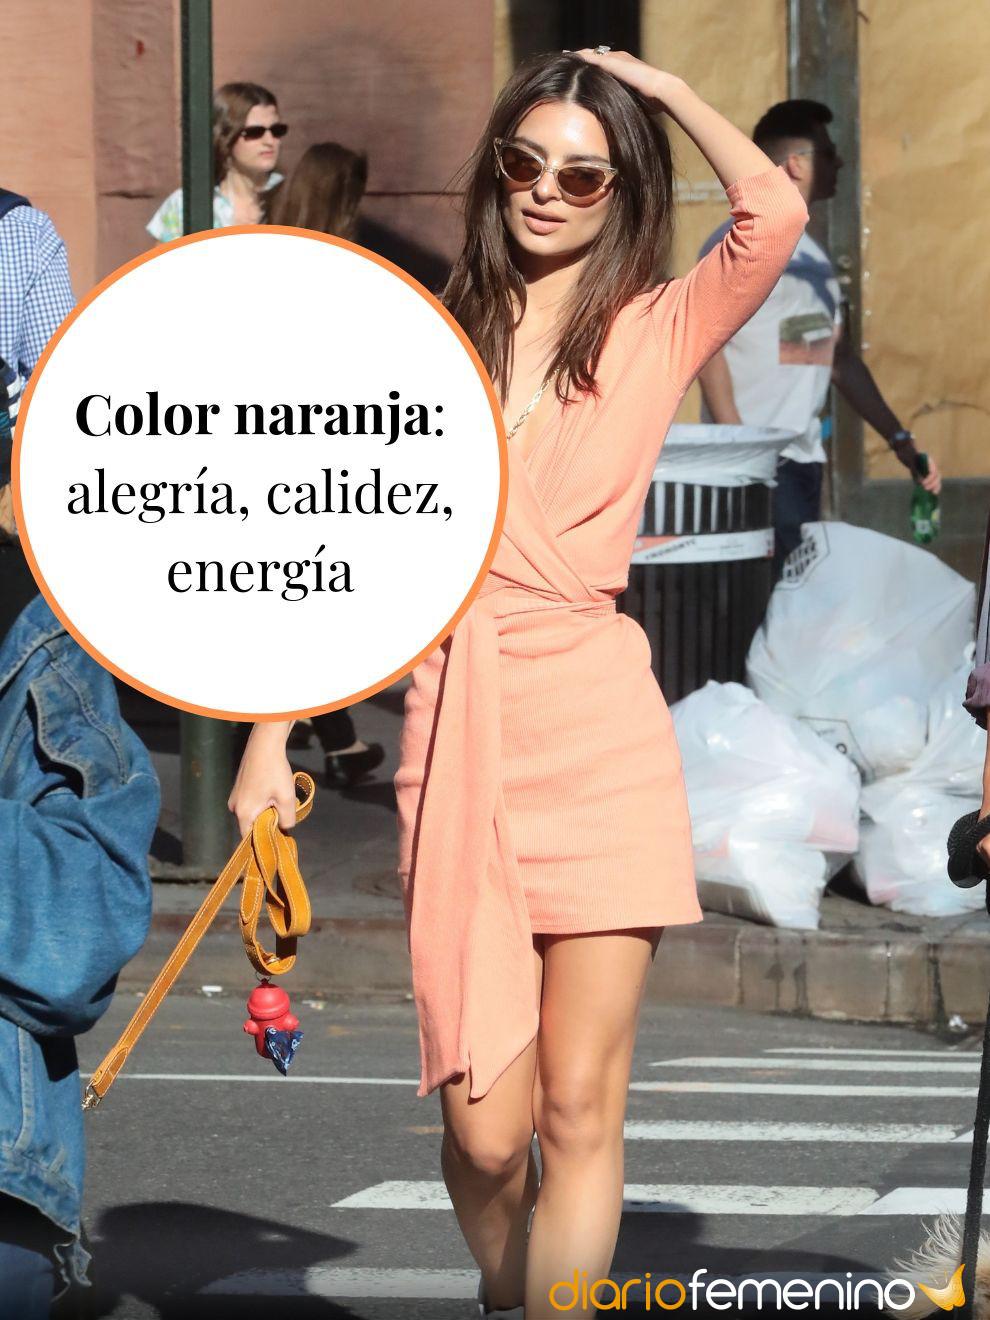 Significado del color naranja en la ropa: calidez y energía